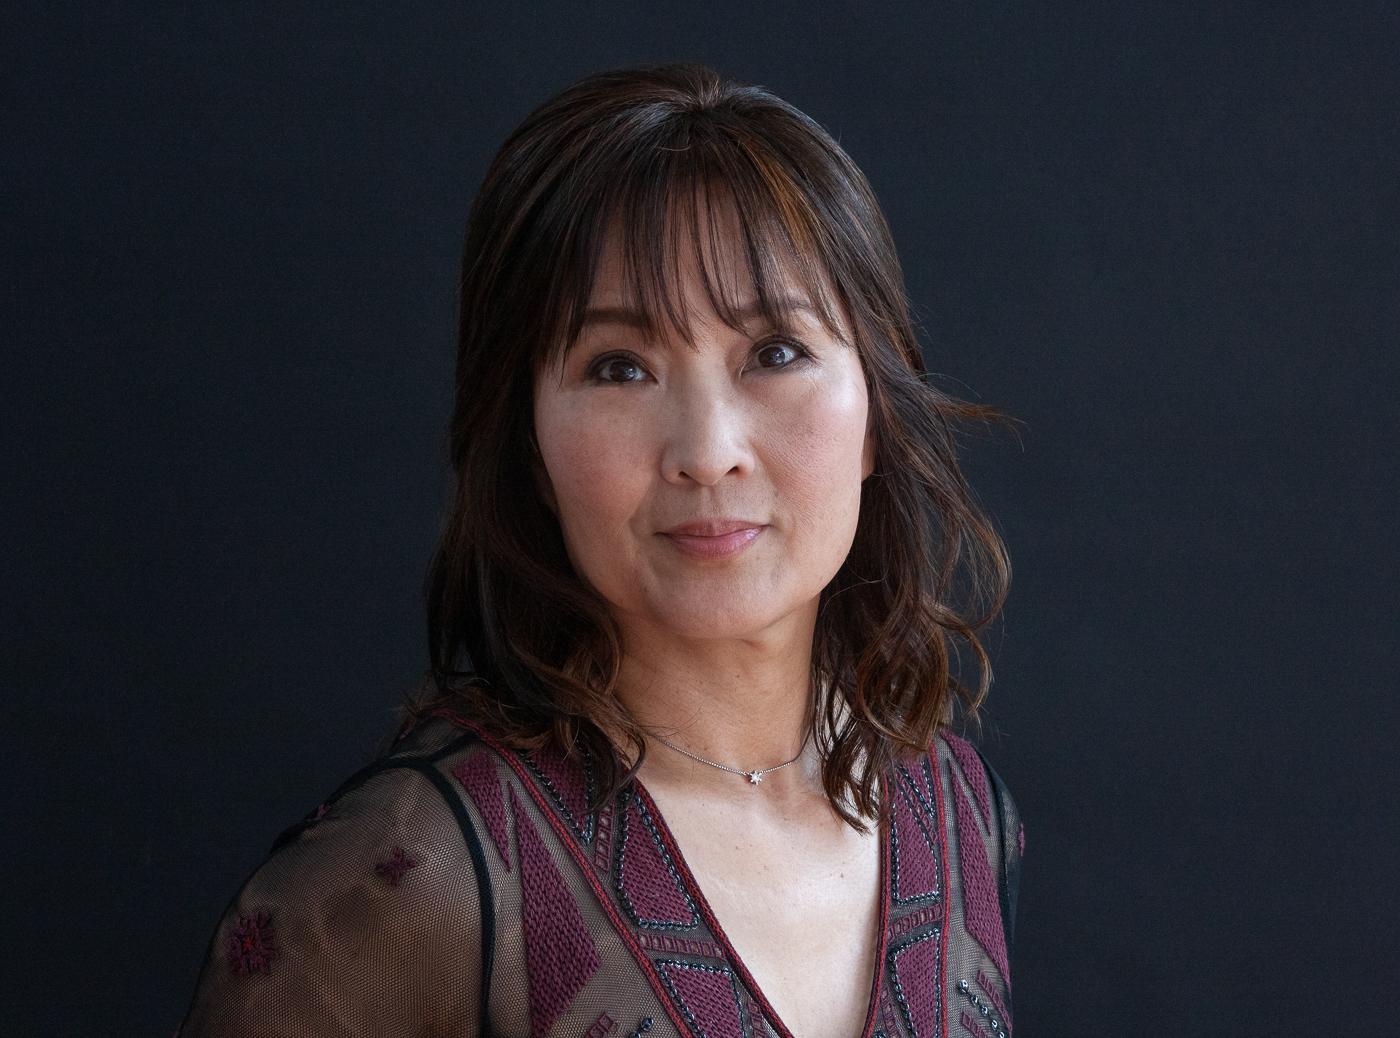 Reiko Fujisawa 028 (credit Lucinda Douglas-Menzies)